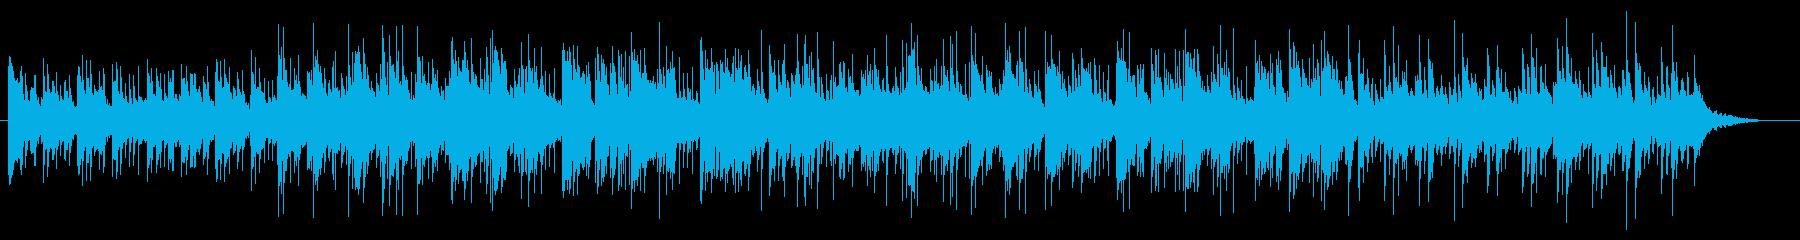 ナイロンギターの明るいリラックスBGMの再生済みの波形